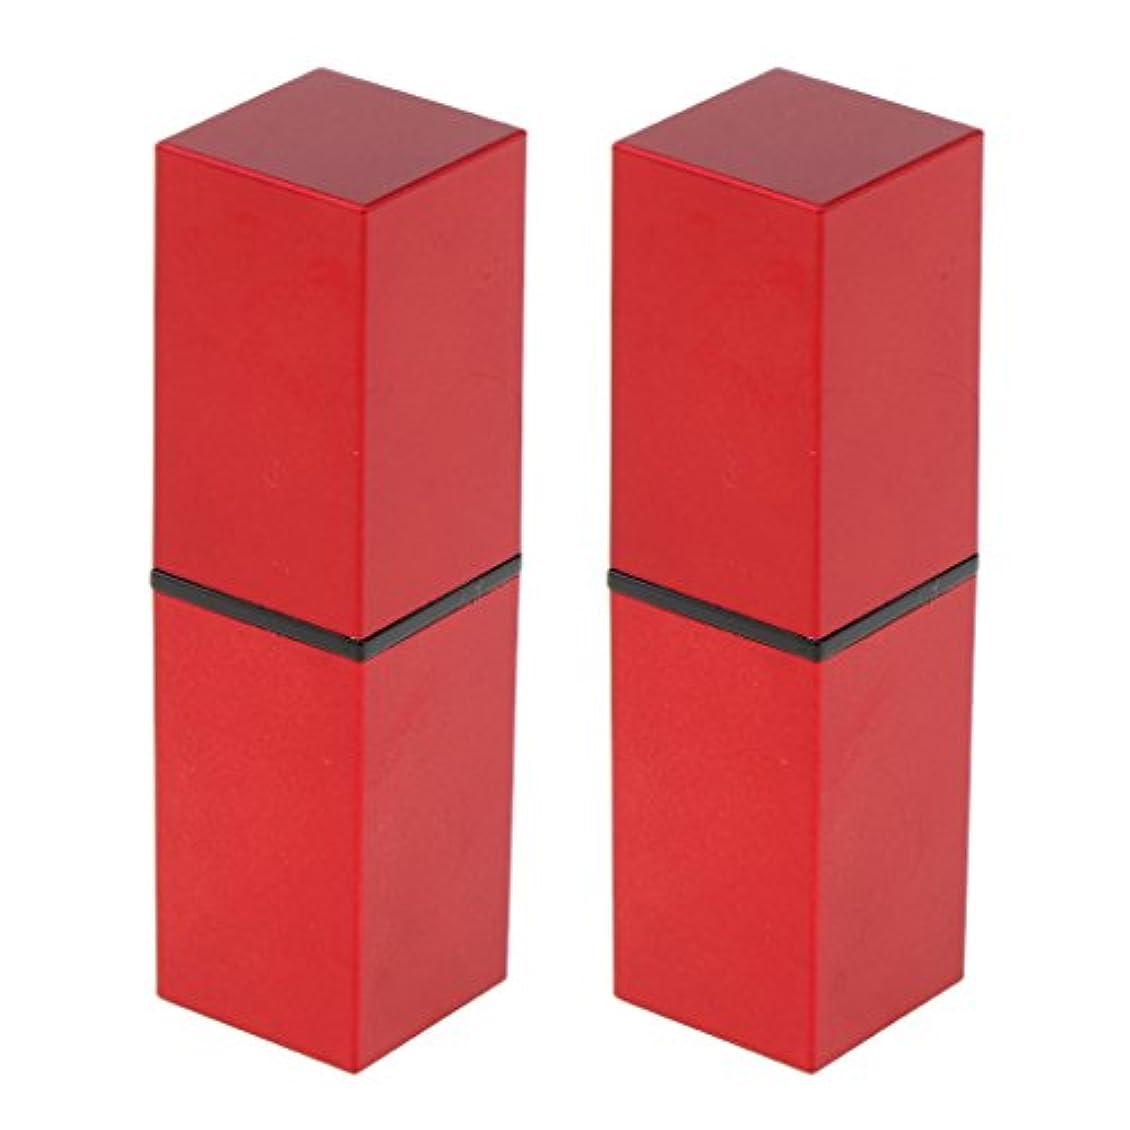 メルボルン世論調査プライムFenteer 2本 リップスティック 口紅 DIY 空チューブ 収納コンテナ リップバーム 12.1MM 口紅チューブ 手作り 全4色 - 赤